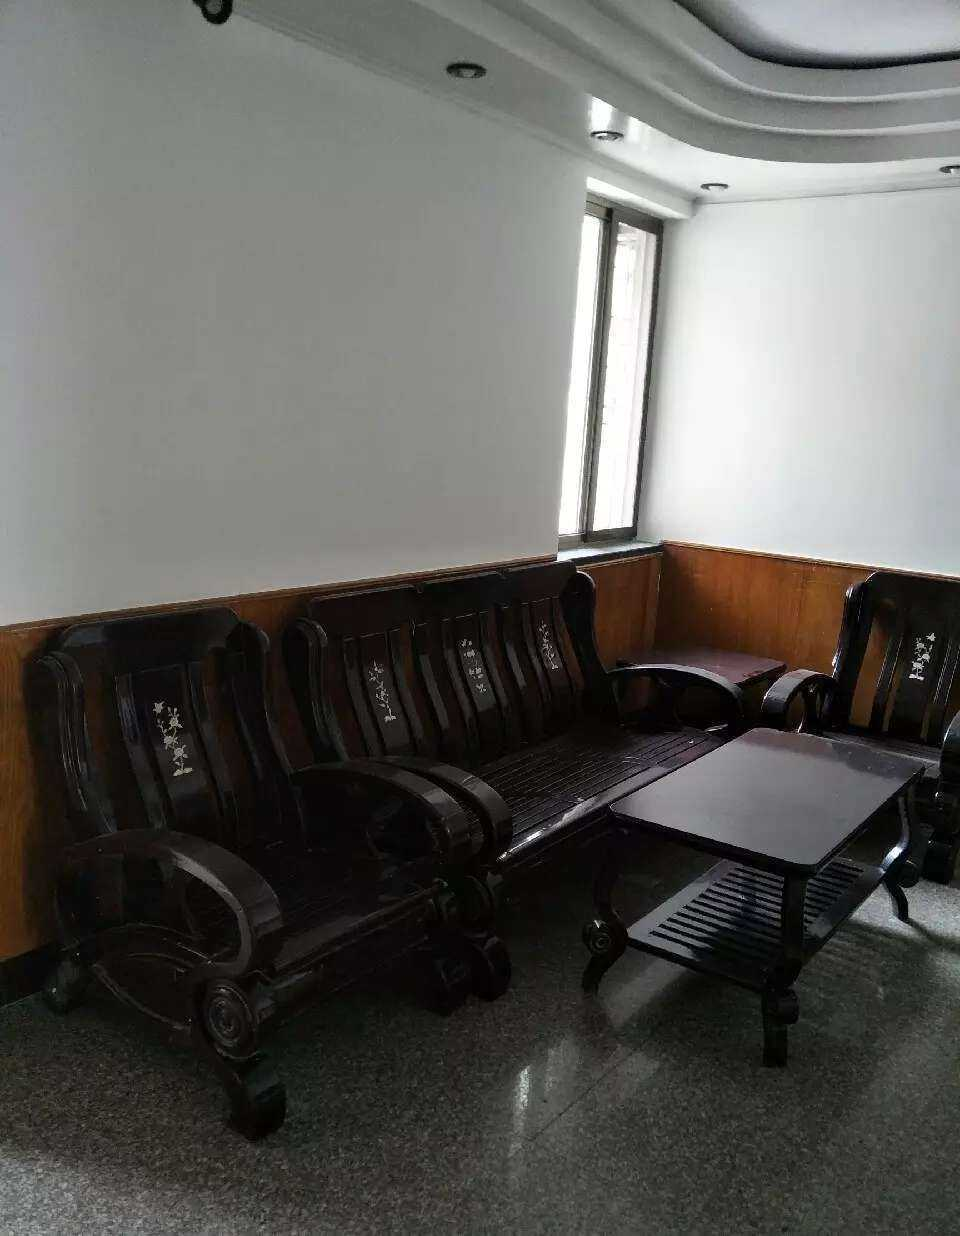 04283出租安吉里4楼85平方,三室一厅一卫,拎包入住。18年厨房卫生间和墙壁新装修,一年起租,长租可优惠 的实拍照片